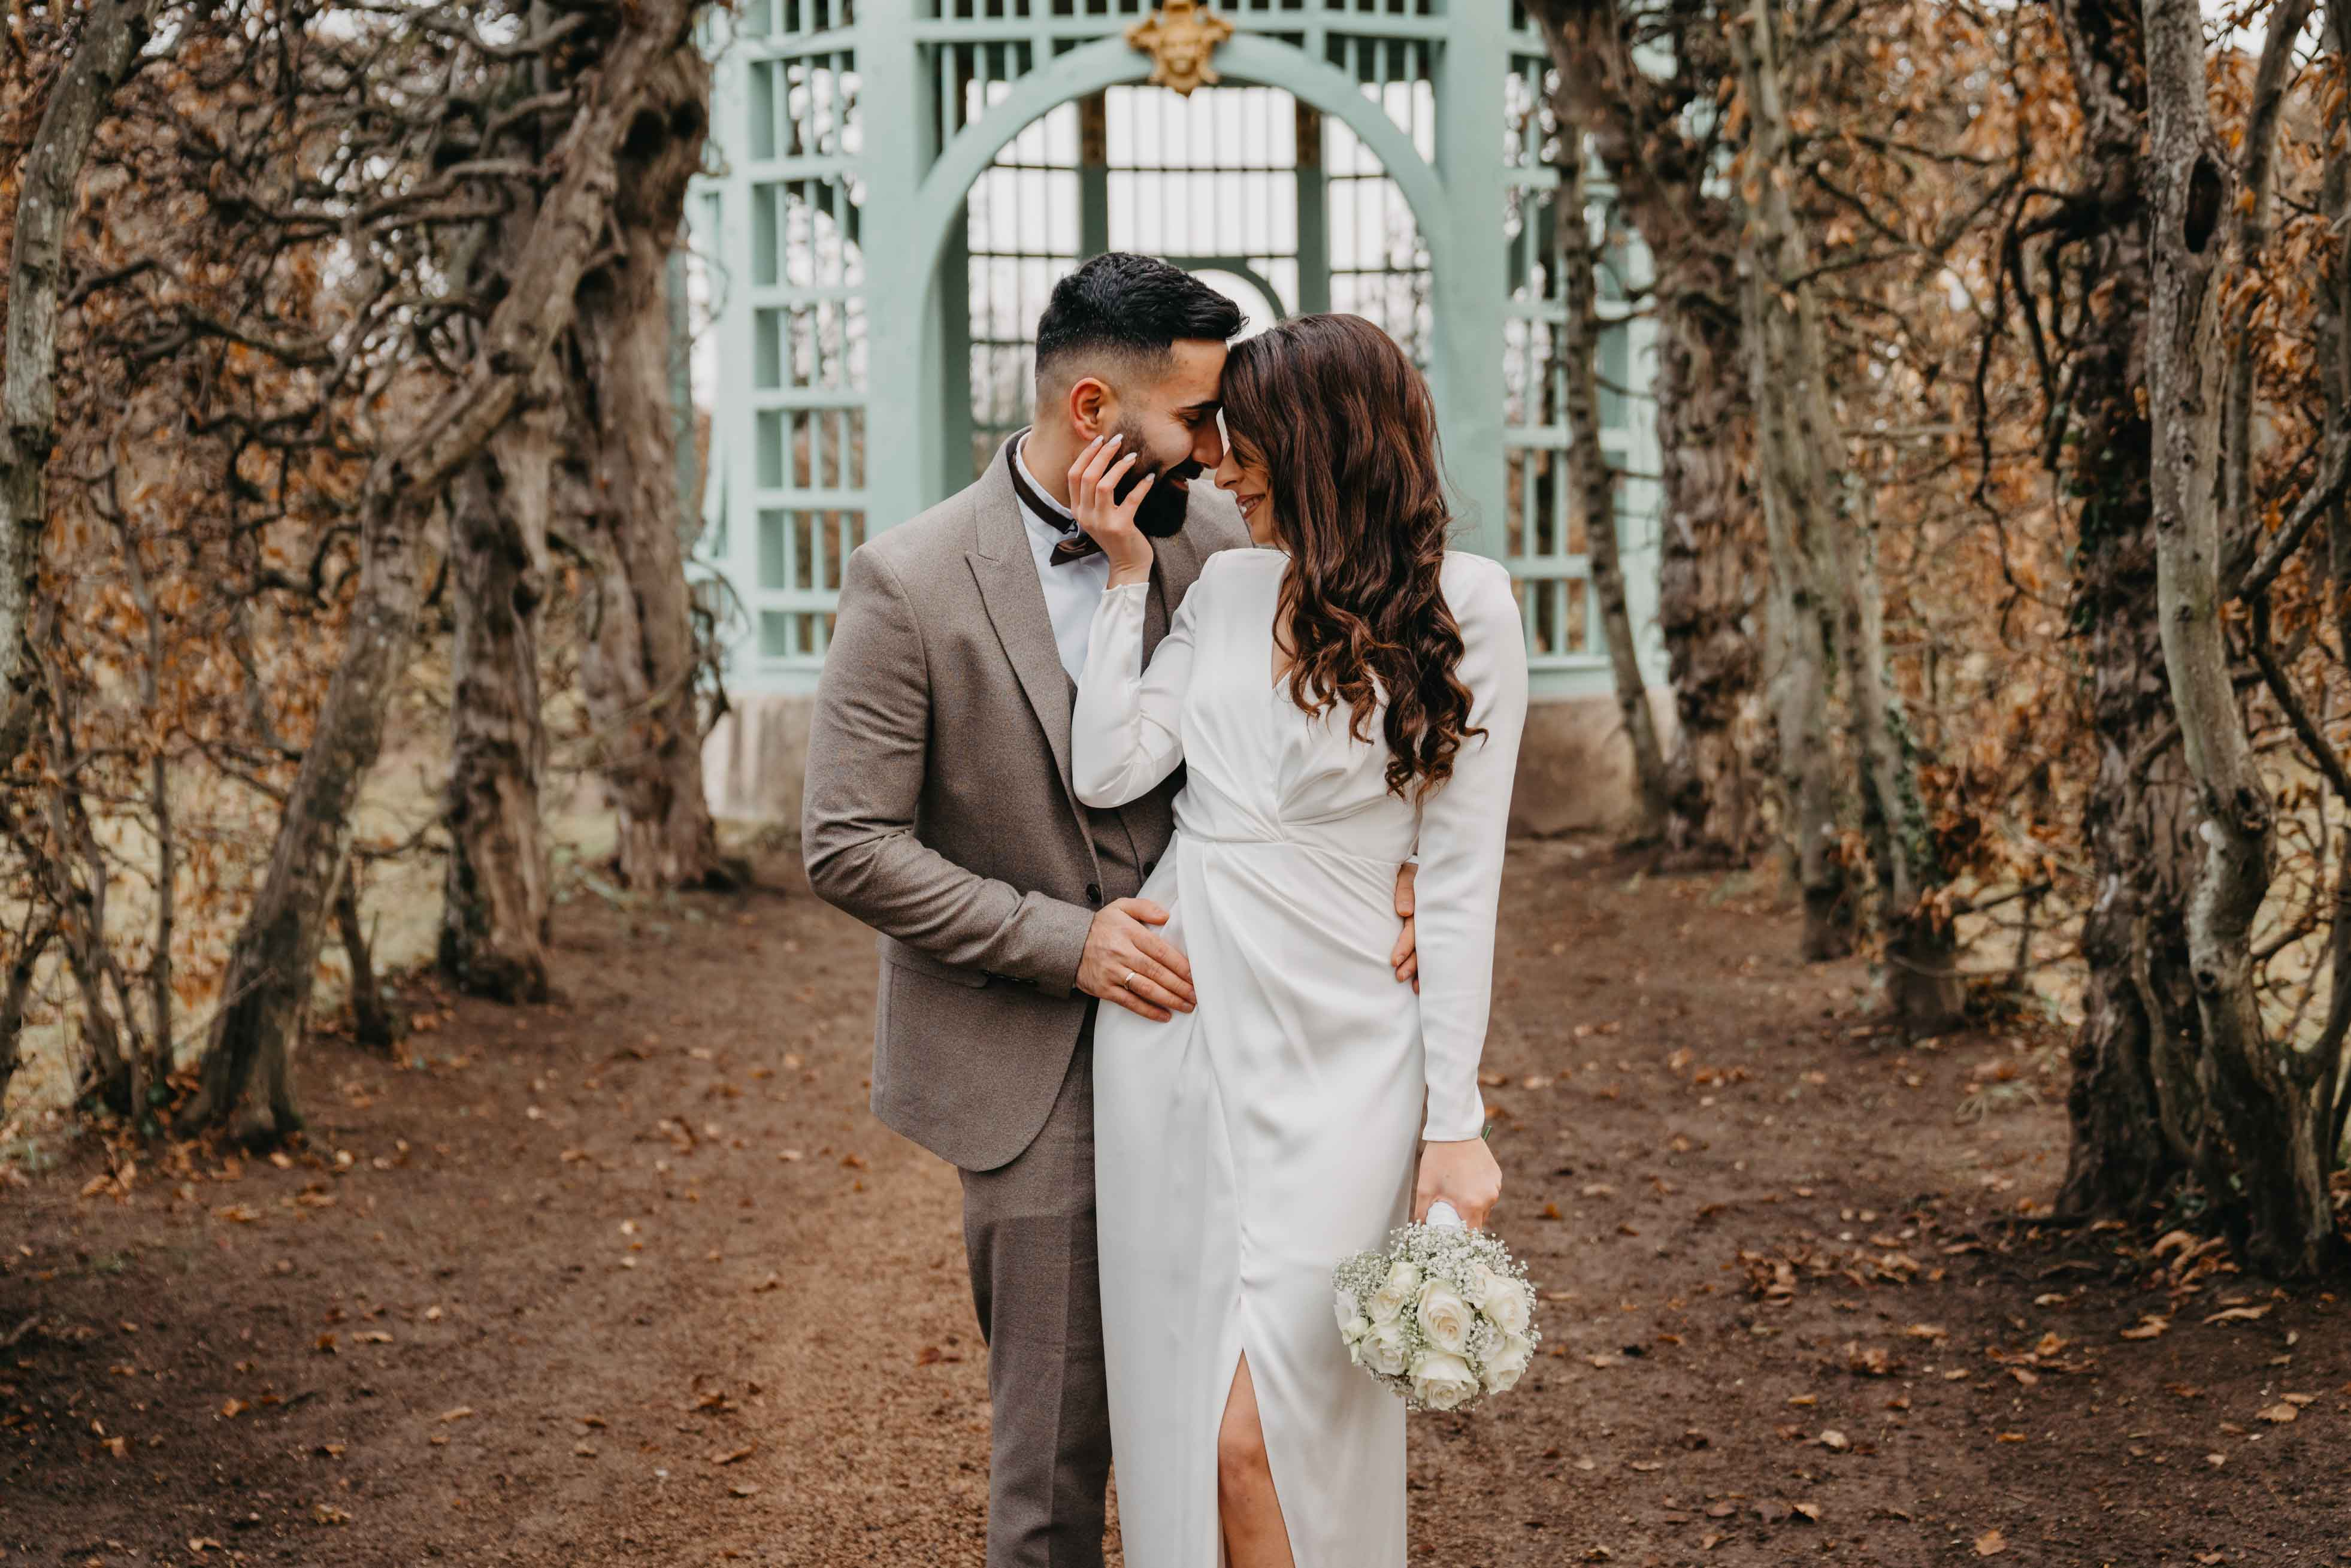 Der Bräutigam umarmt seine Braut von hinten.